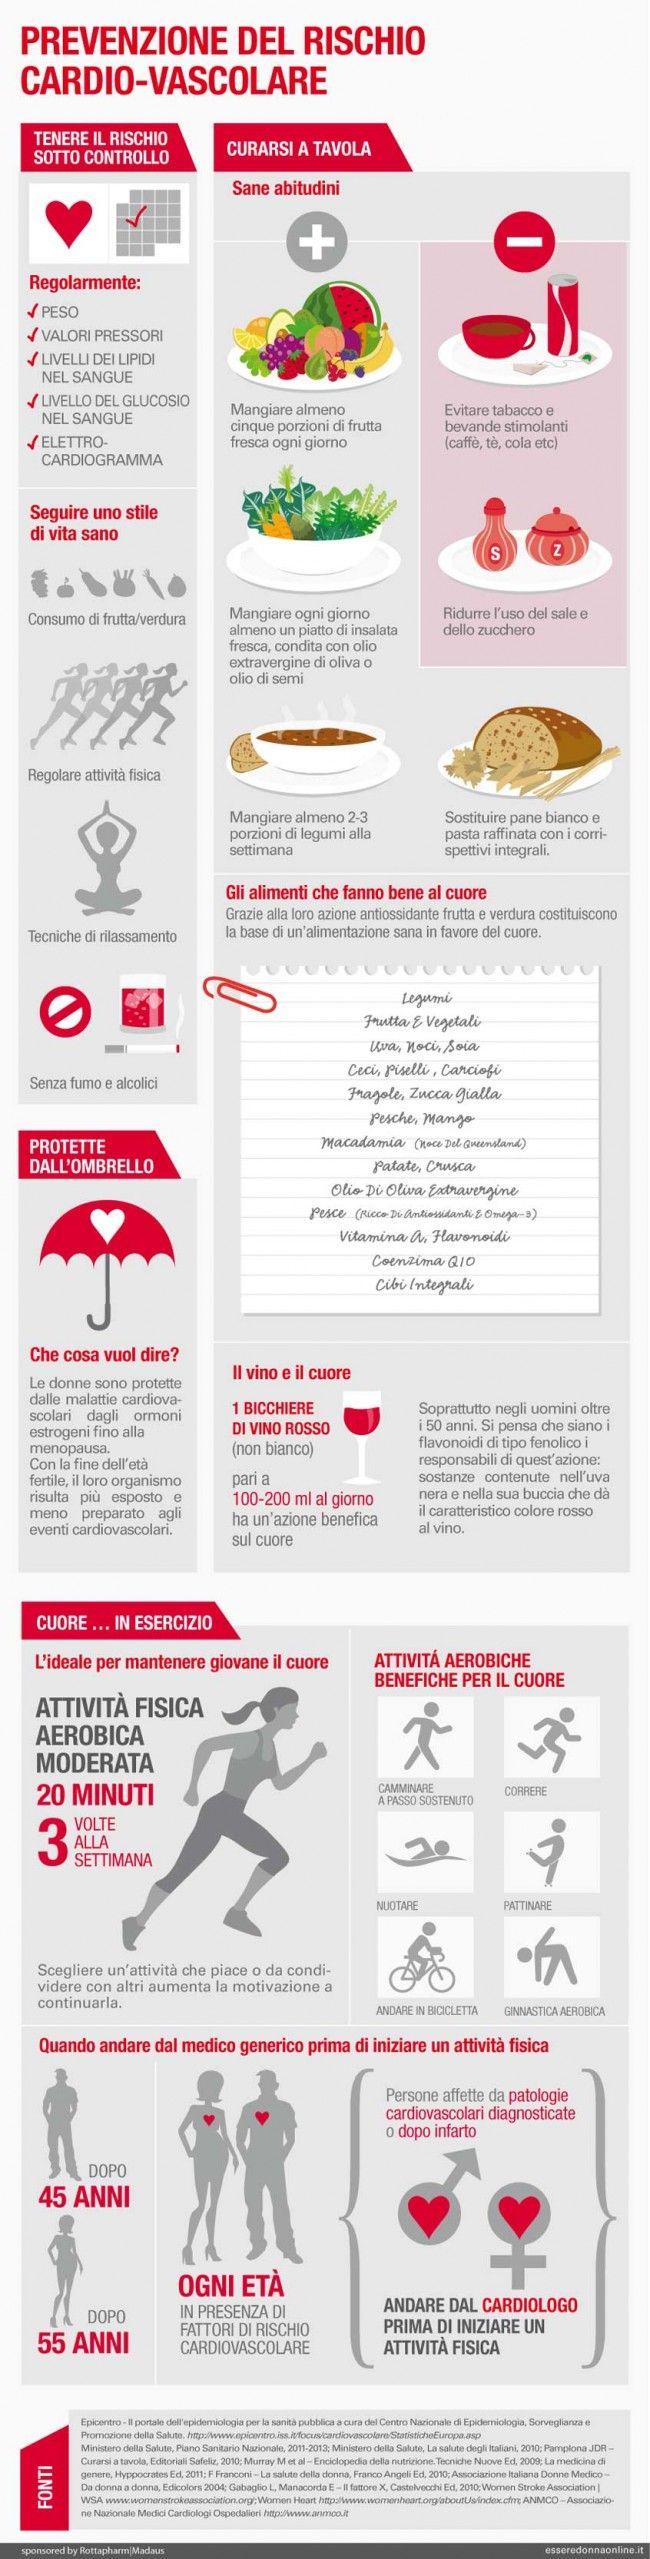 Prevenzione del rischio cardio-vascolare